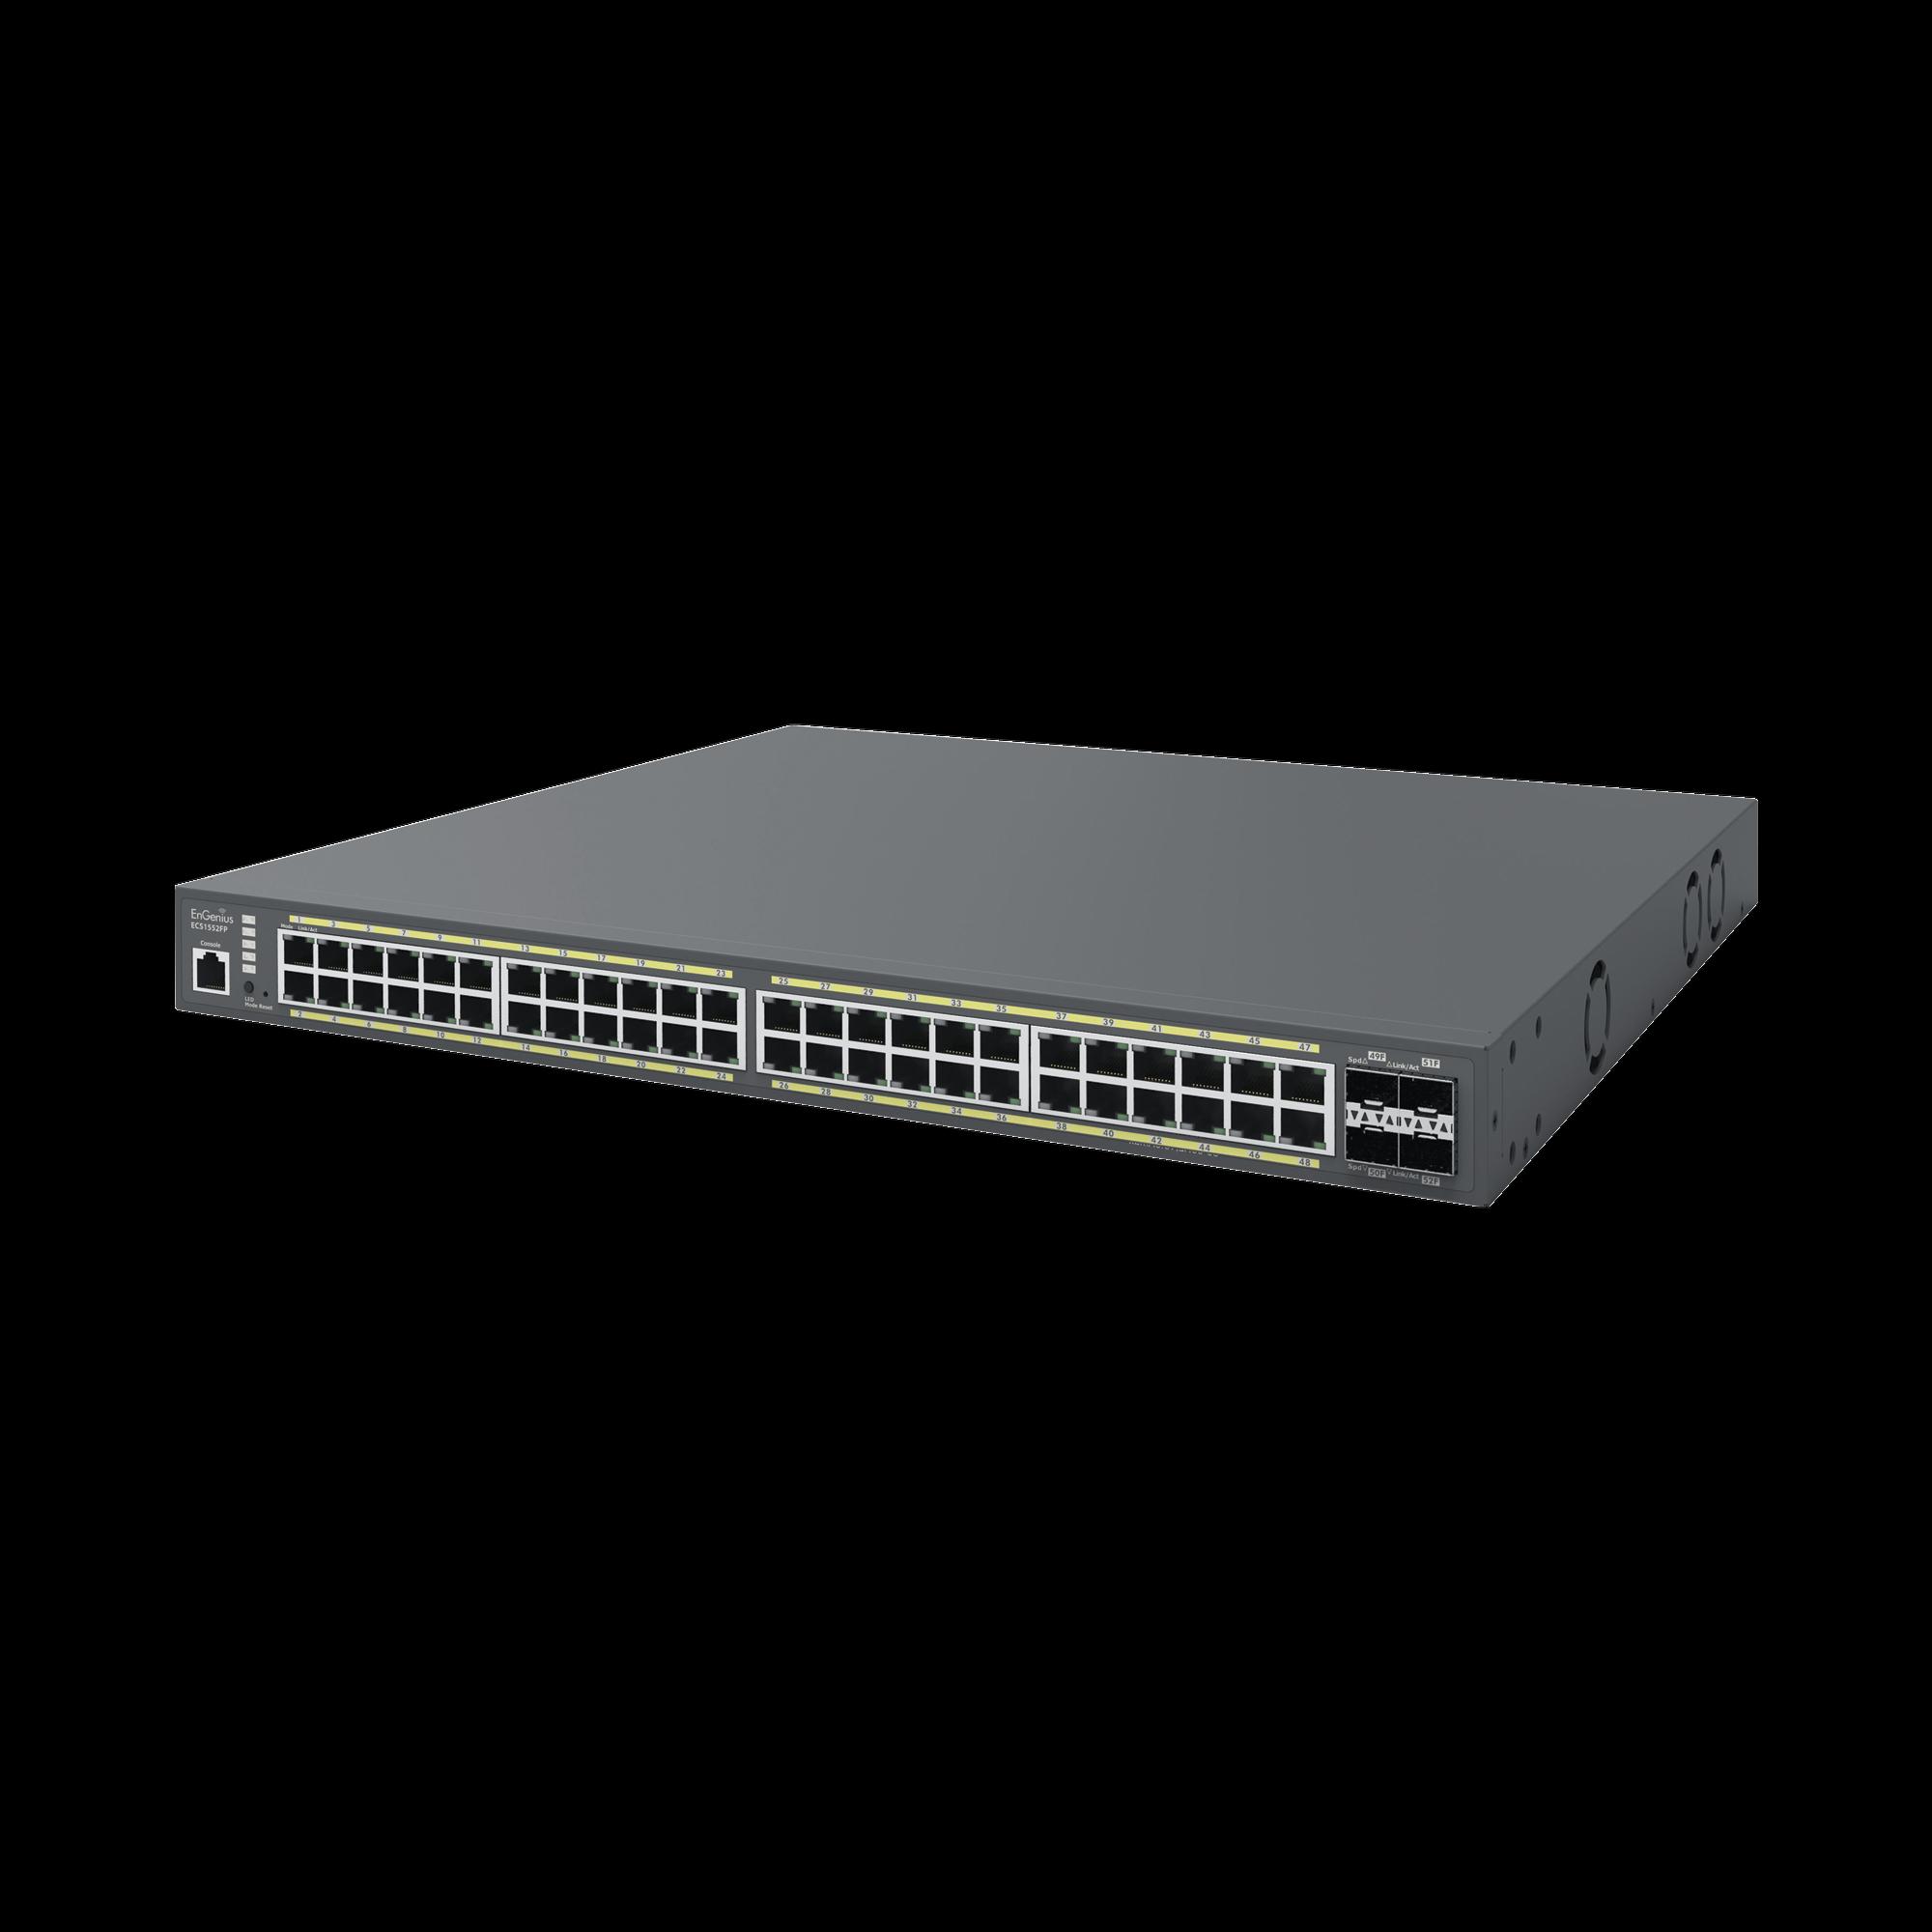 Switch Poe de 48 Puertos Gigabit y 4 Puertos SFP, Administrable en la Nube, Hasta 740 W, Capa 2, Soporta PoE+ 802.3  at/af